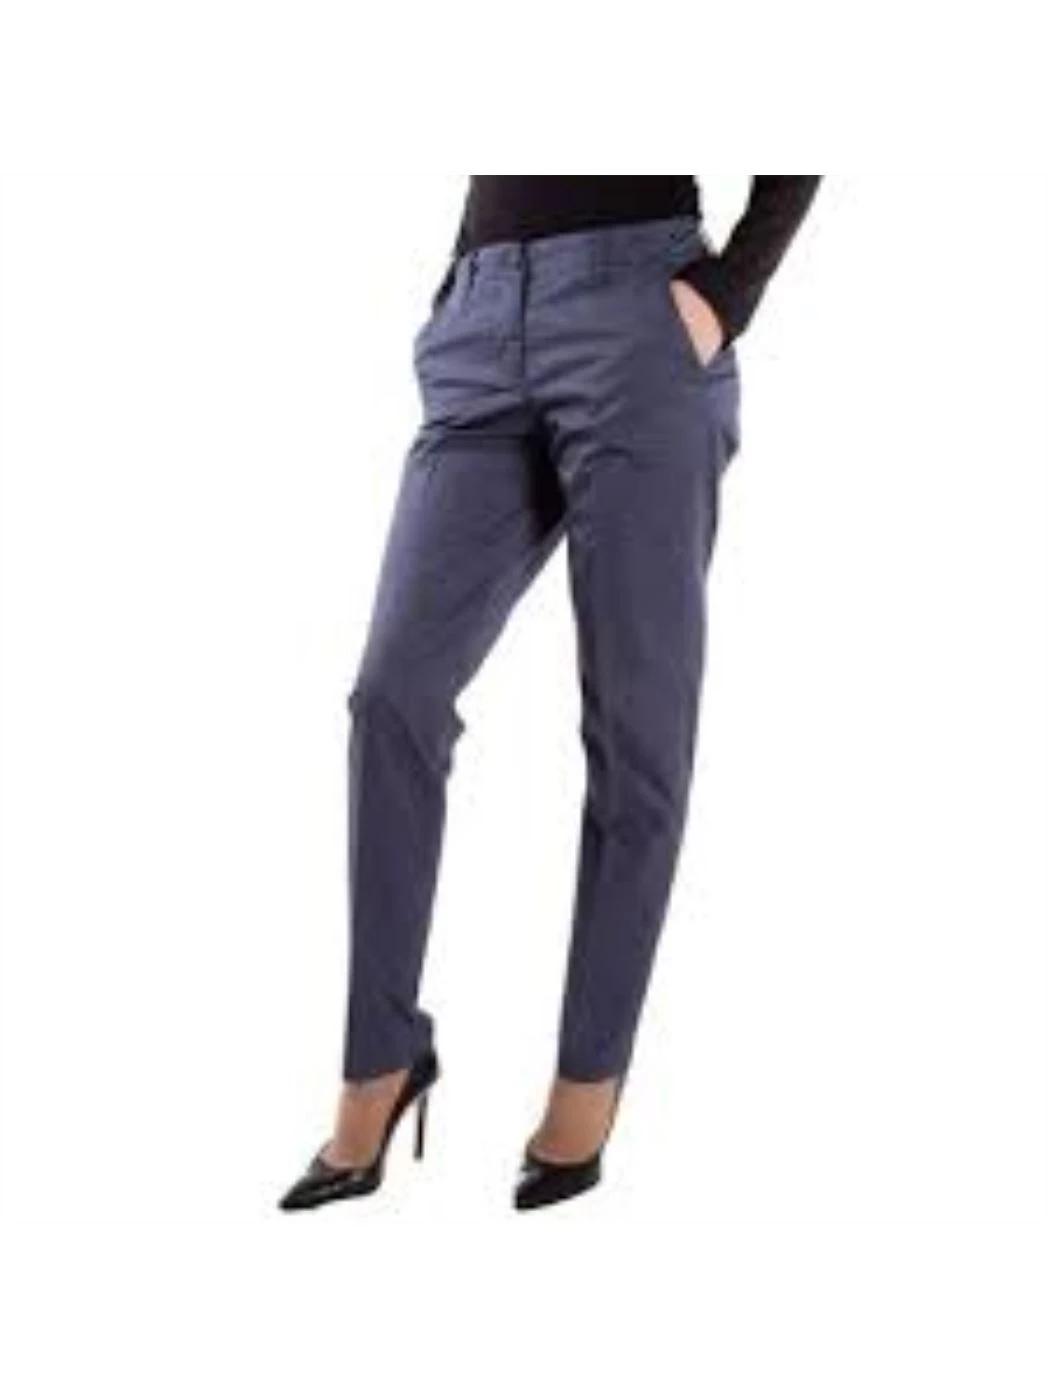 LIU JO Pantalone chino blu vestibilità regolare FA0198T2267